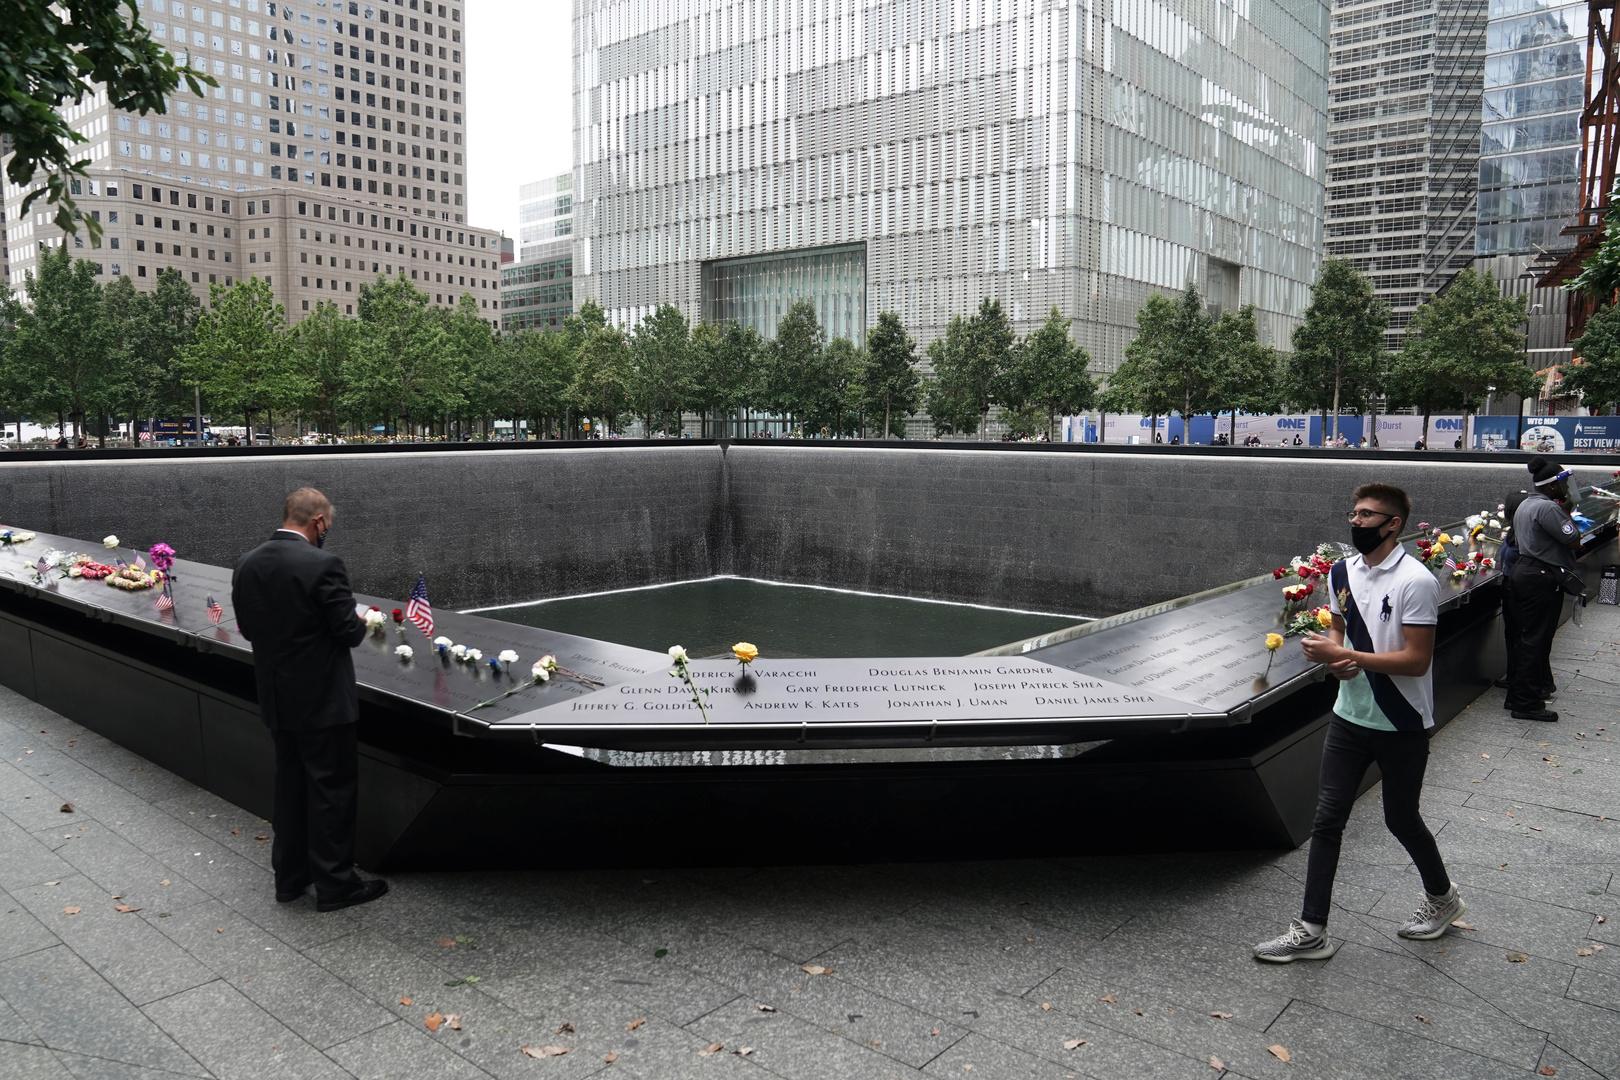 بحثا عن دليل حول تورط محتمل للسعودية.. عائلات ضحايا 11 سبتمبر تطلب لقاء بايدن